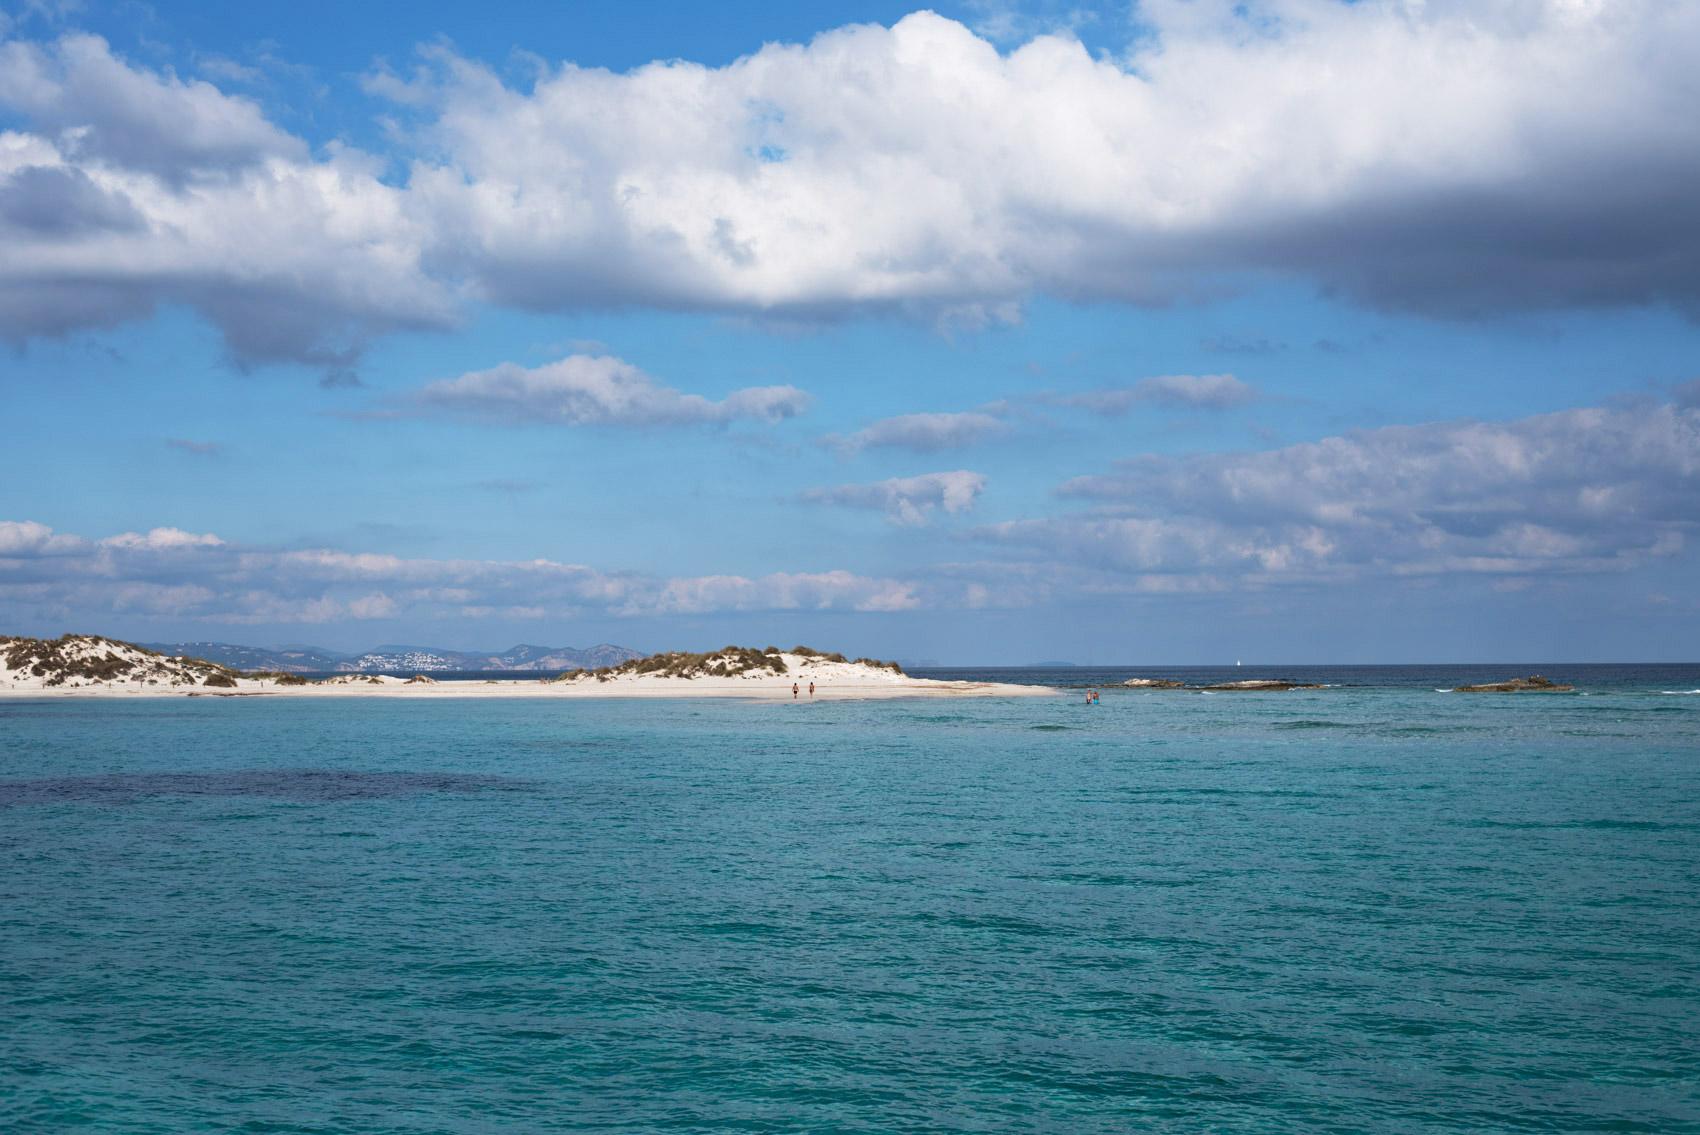 stand-up-paddling-ibiza-formentera-boats-tour-fashiioncarpet